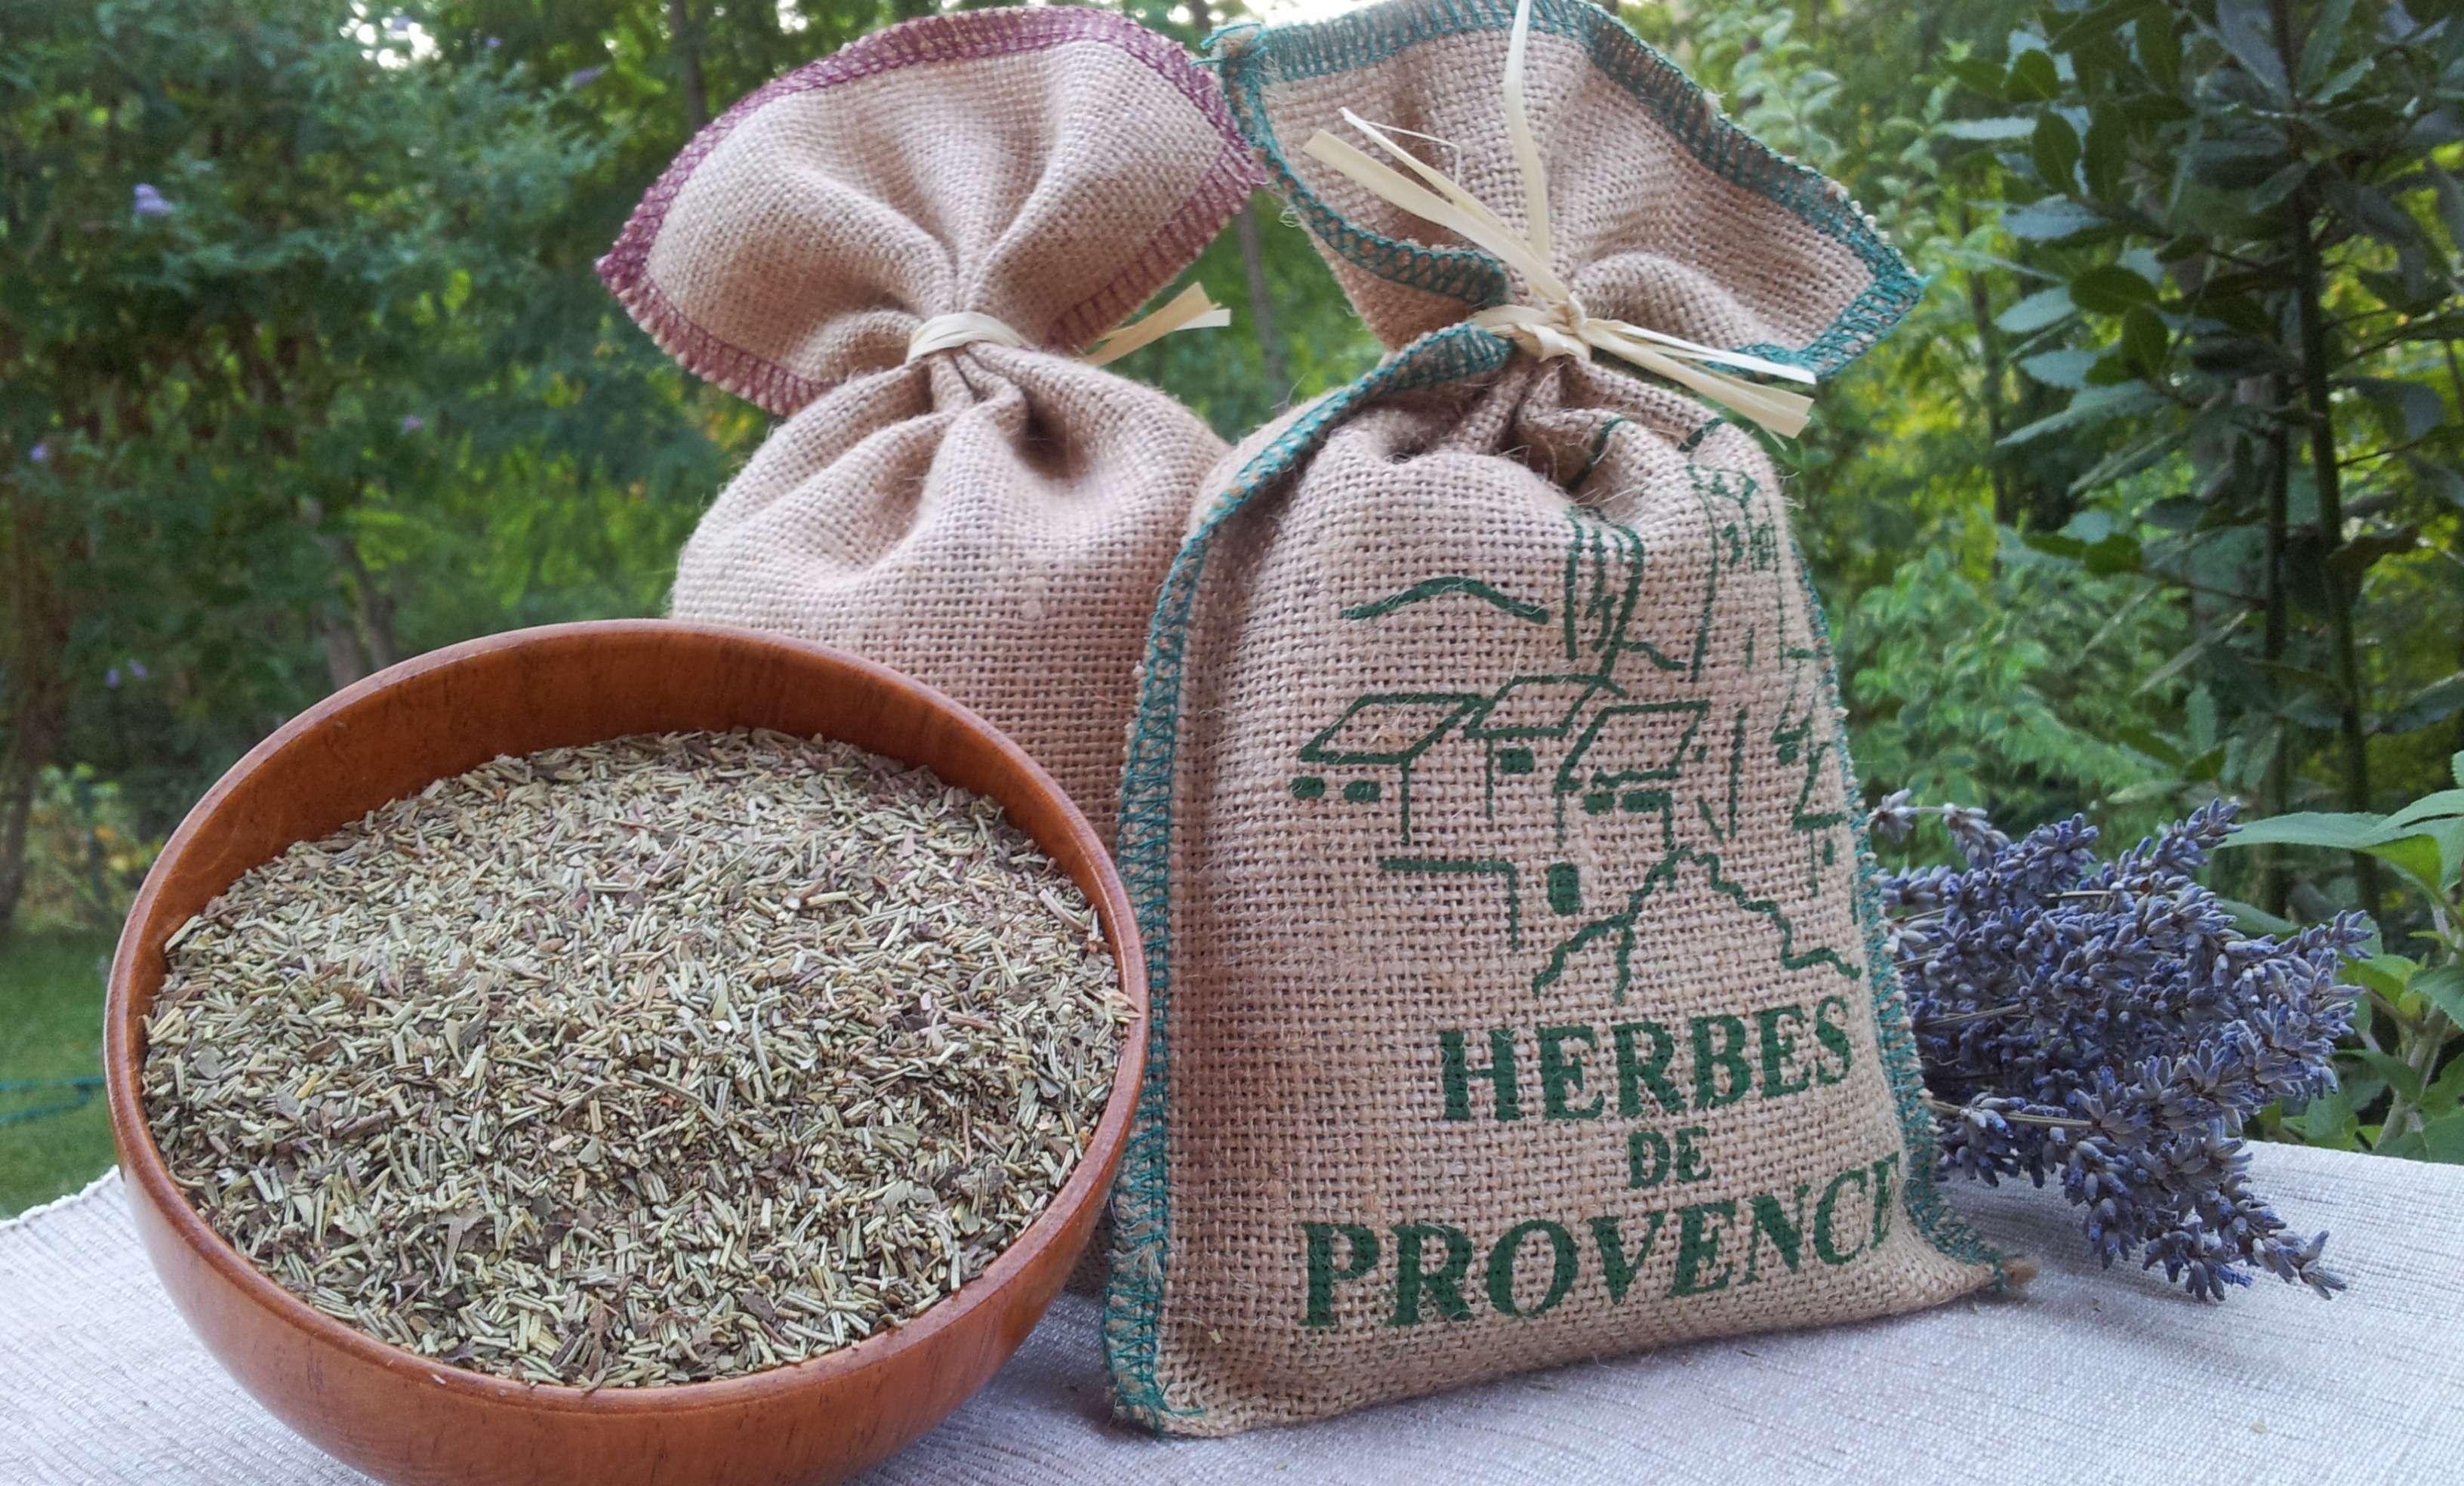 Ervas de Provence é uma mistura perfumada de ervas secas típicas da culinária do sul da França.